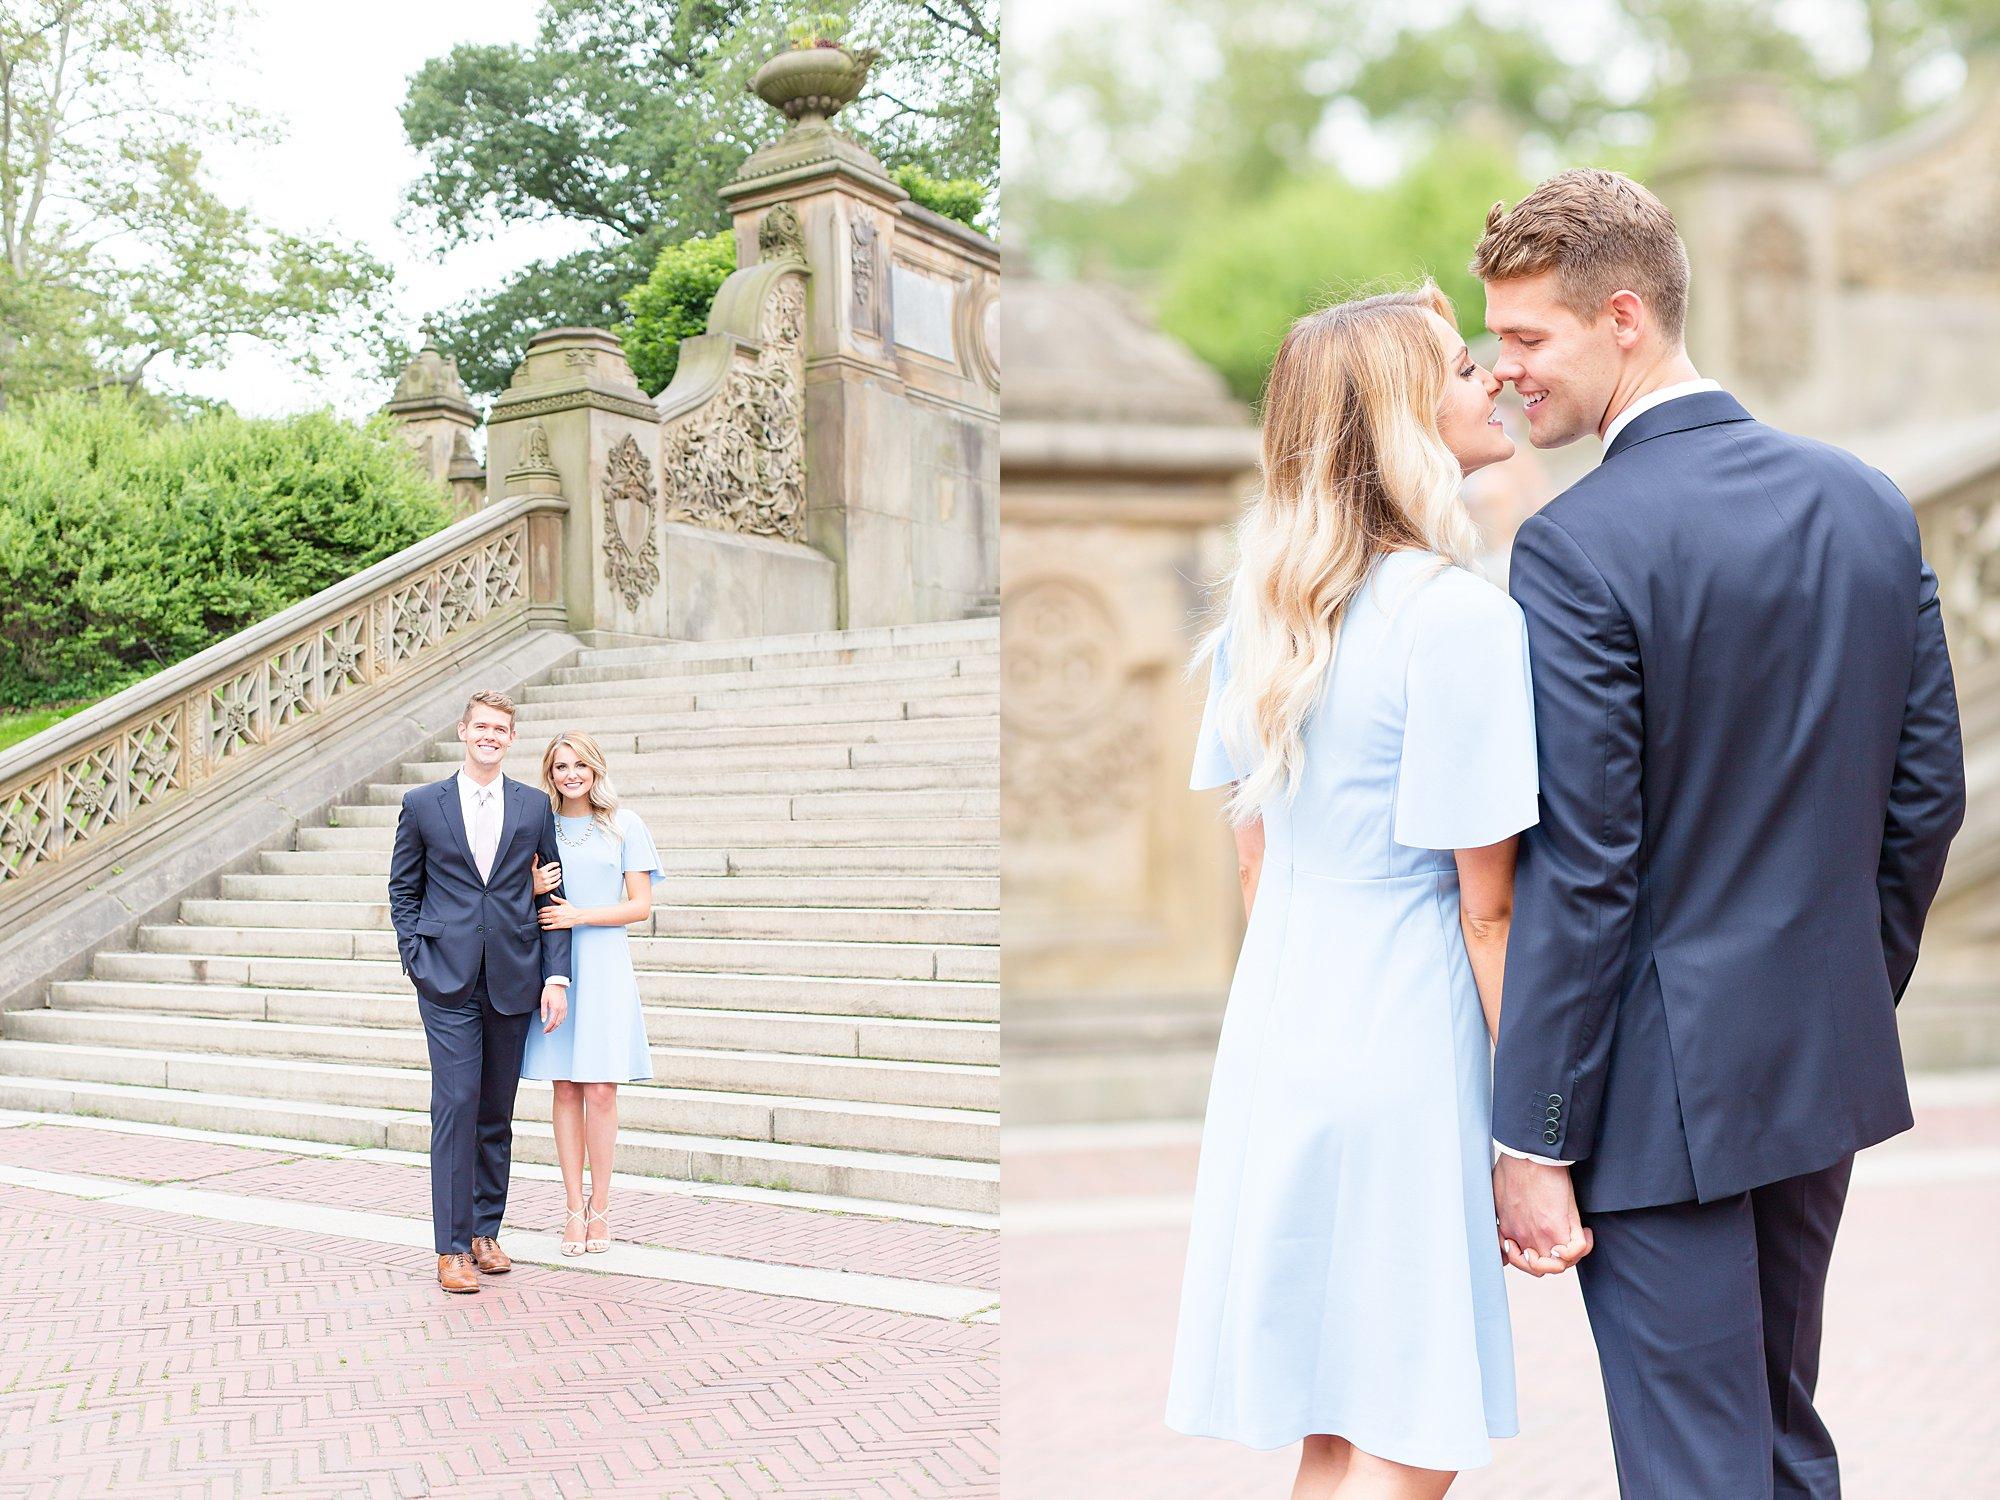 Central Park New York Engagement Session_0012.jpg